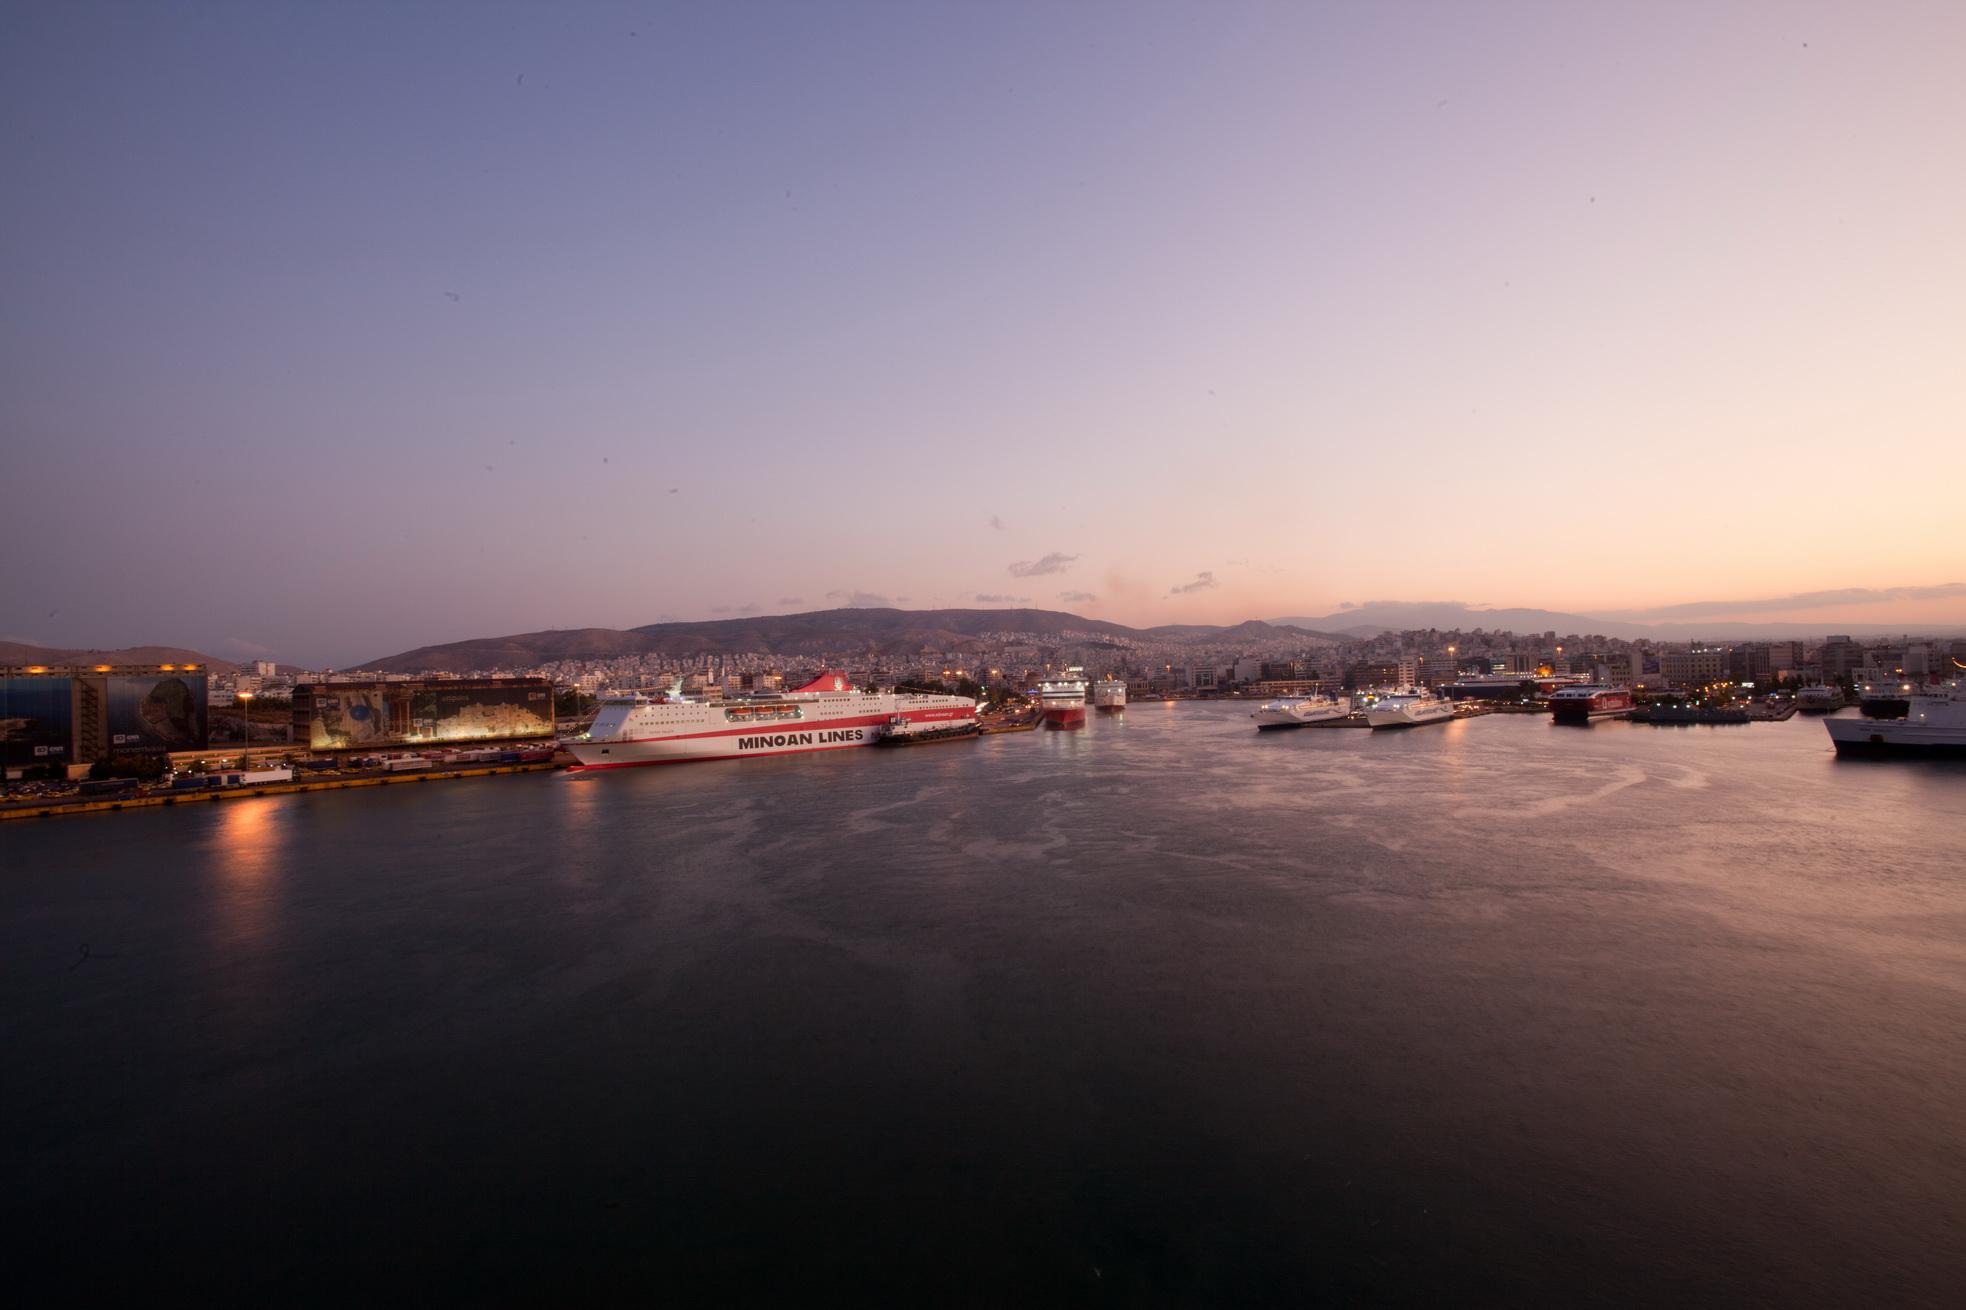 MS Festos Palace IMO 9204568 Minoan Lines docked Piraeus Port of Athens Greece 09